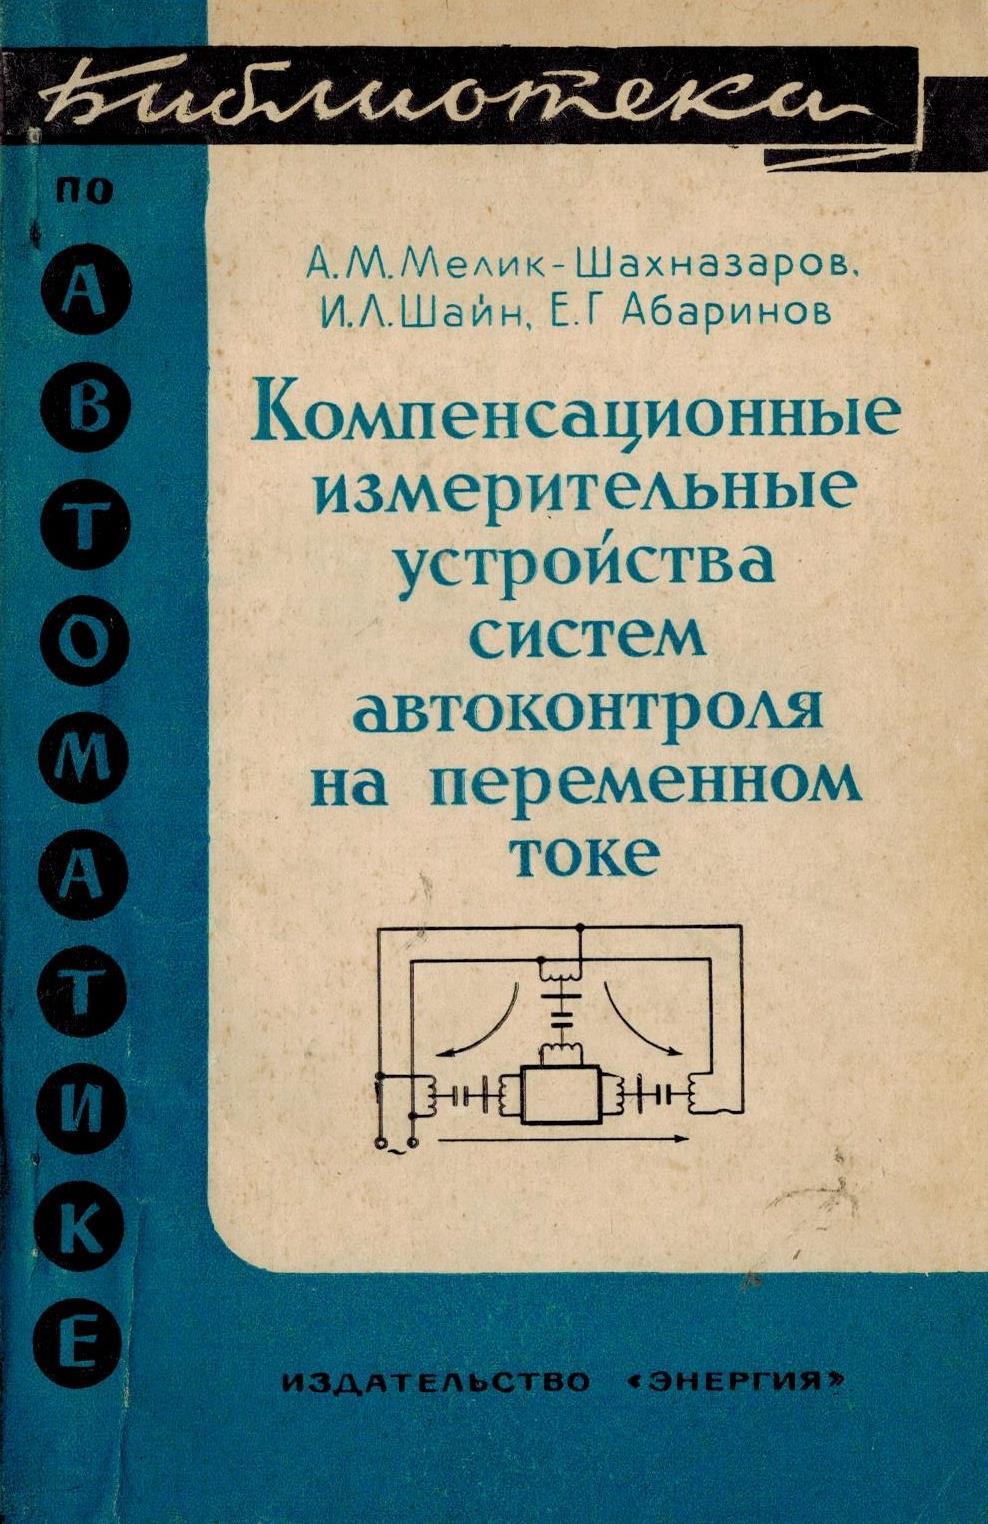 Мелик-Шахназаров А.М., Шайн И.Л., Абаринов Е.Г. Компенсационные измерительные устройства систем автоконтроля на переменном токе